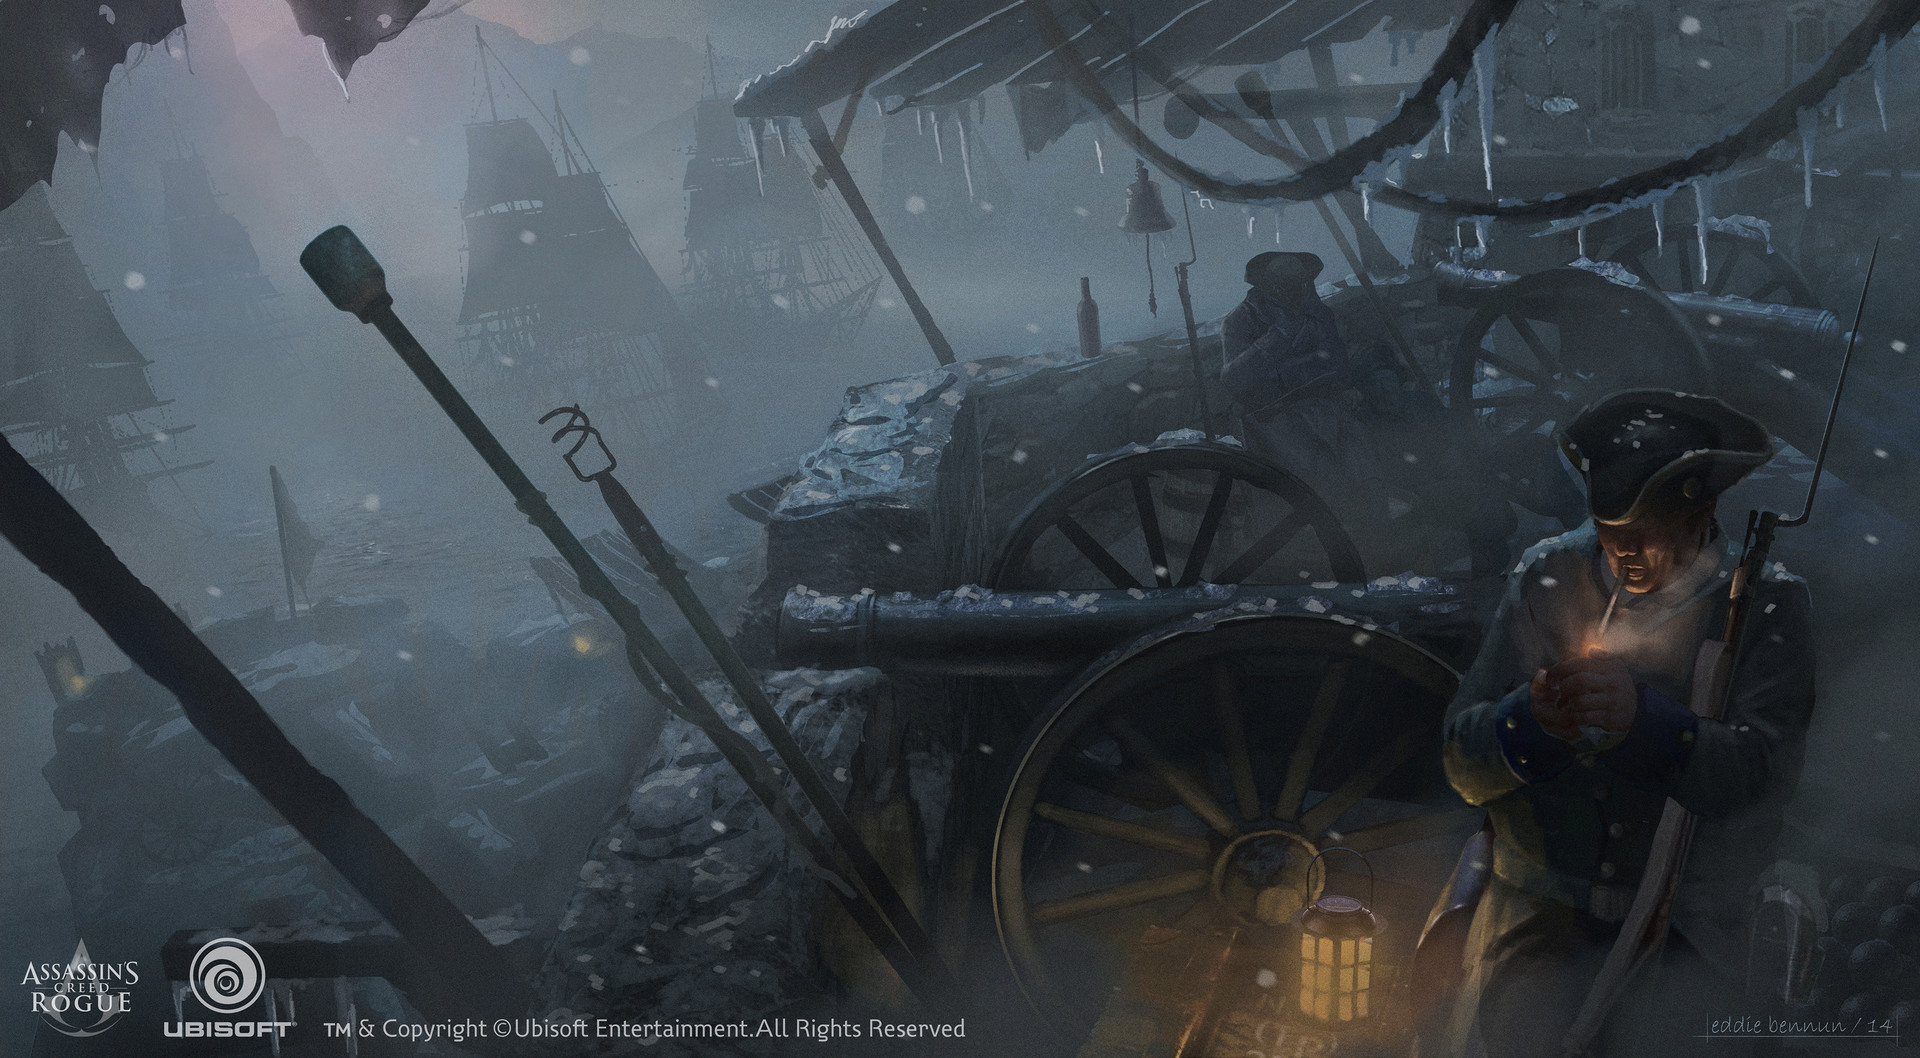 Eddie bennun acc sc rivervalley menace in the fog ddiebennun